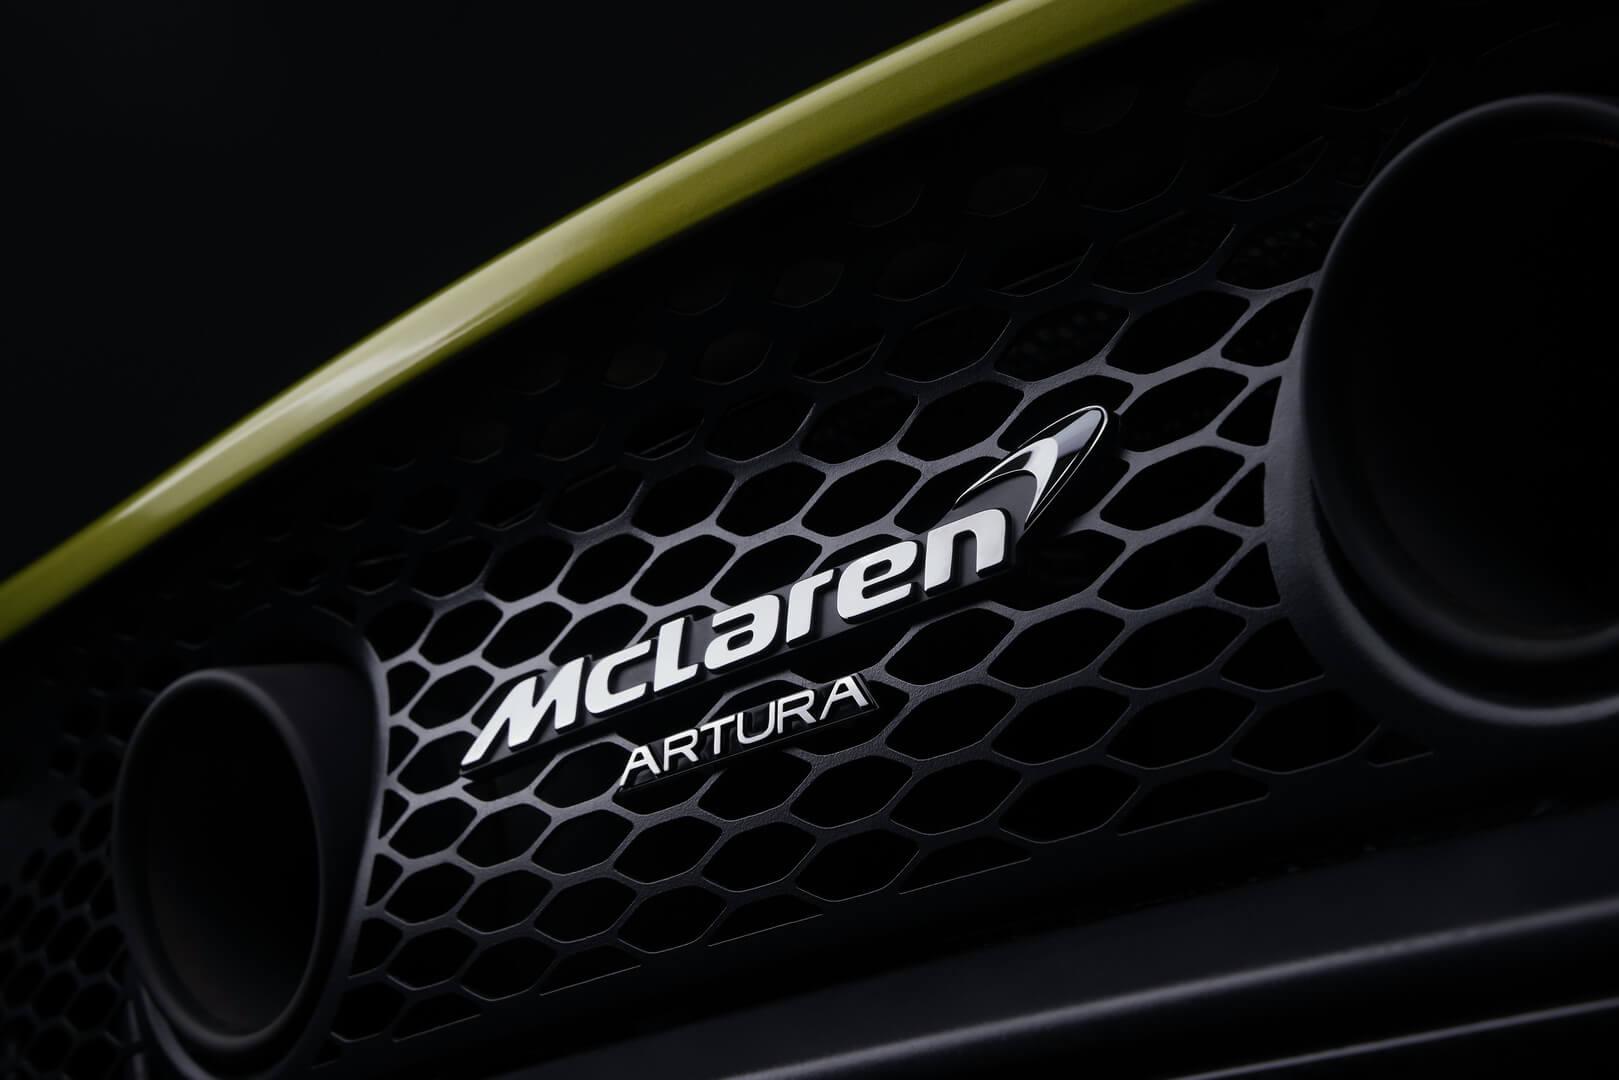 Производитель суперкаров McLaren анонсировал высокопроизводительный гибрид Artura